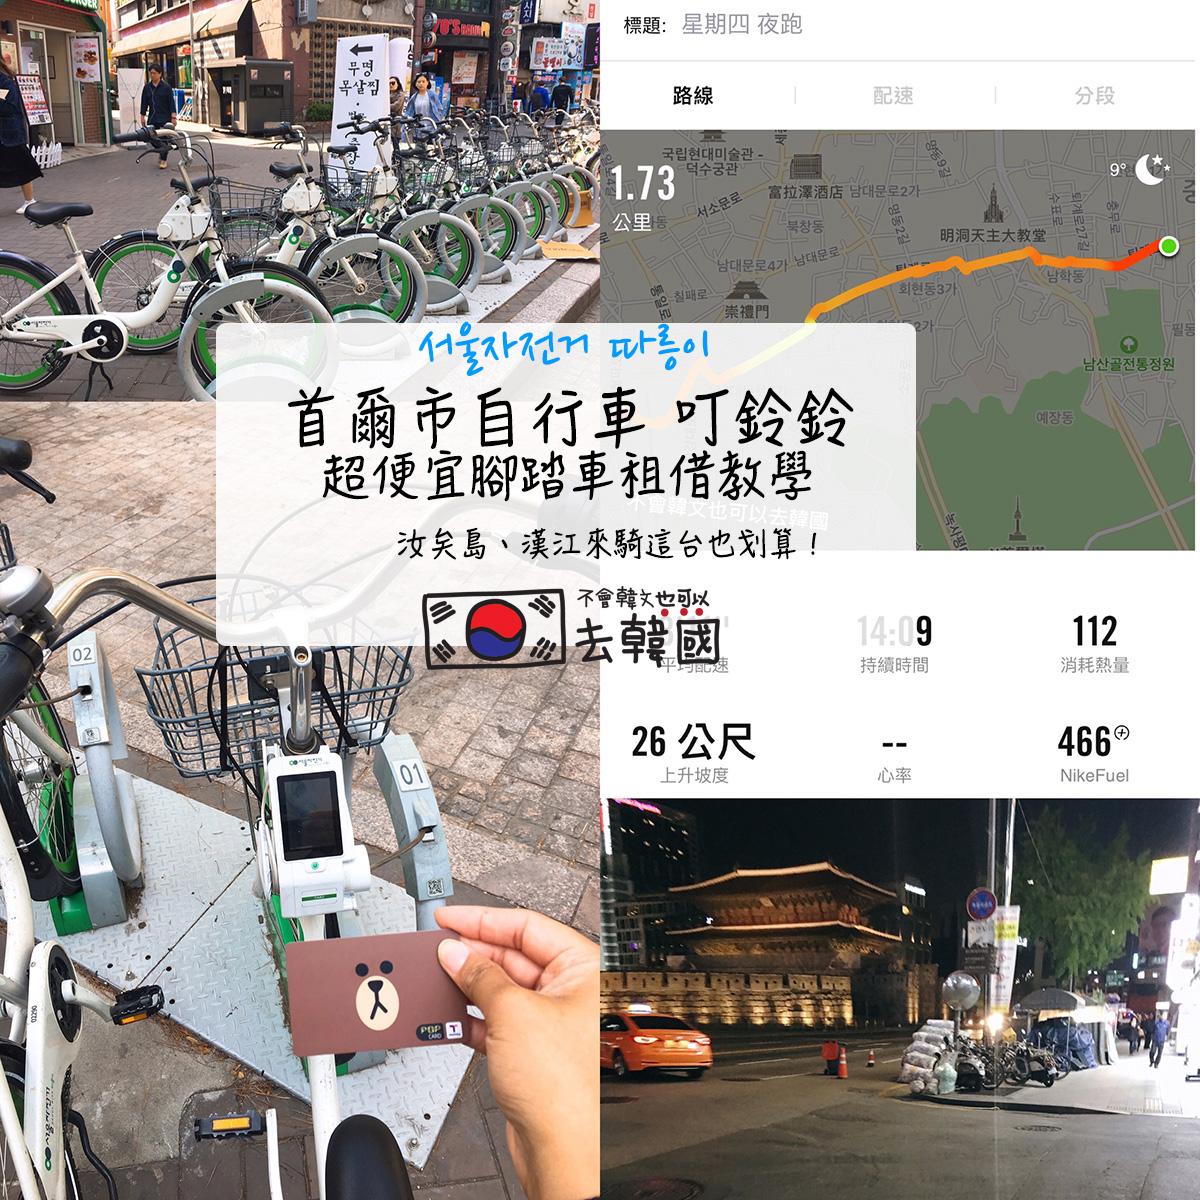 【韓國腳踏車租借】首爾Bike Seoul教學、首爾租腳踏車 @GINA環球旅行生活